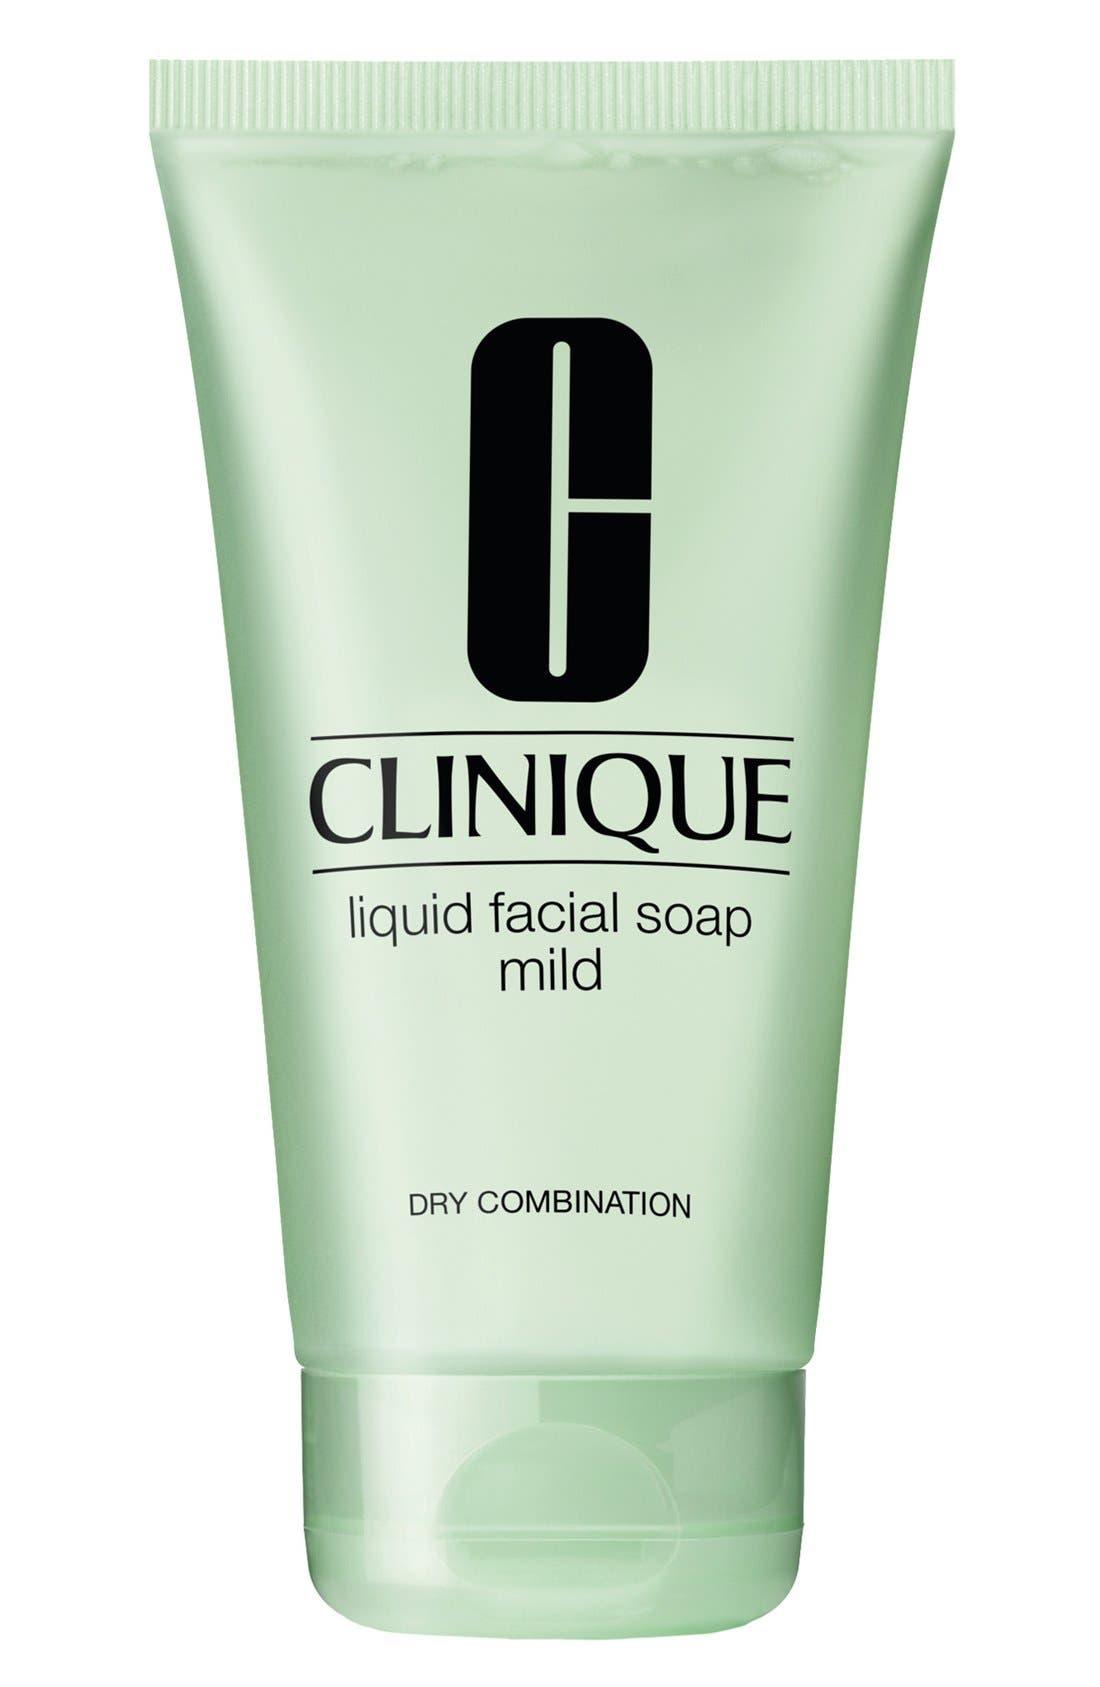 Clinique Liquid Facial Soap Mild (5 oz.)